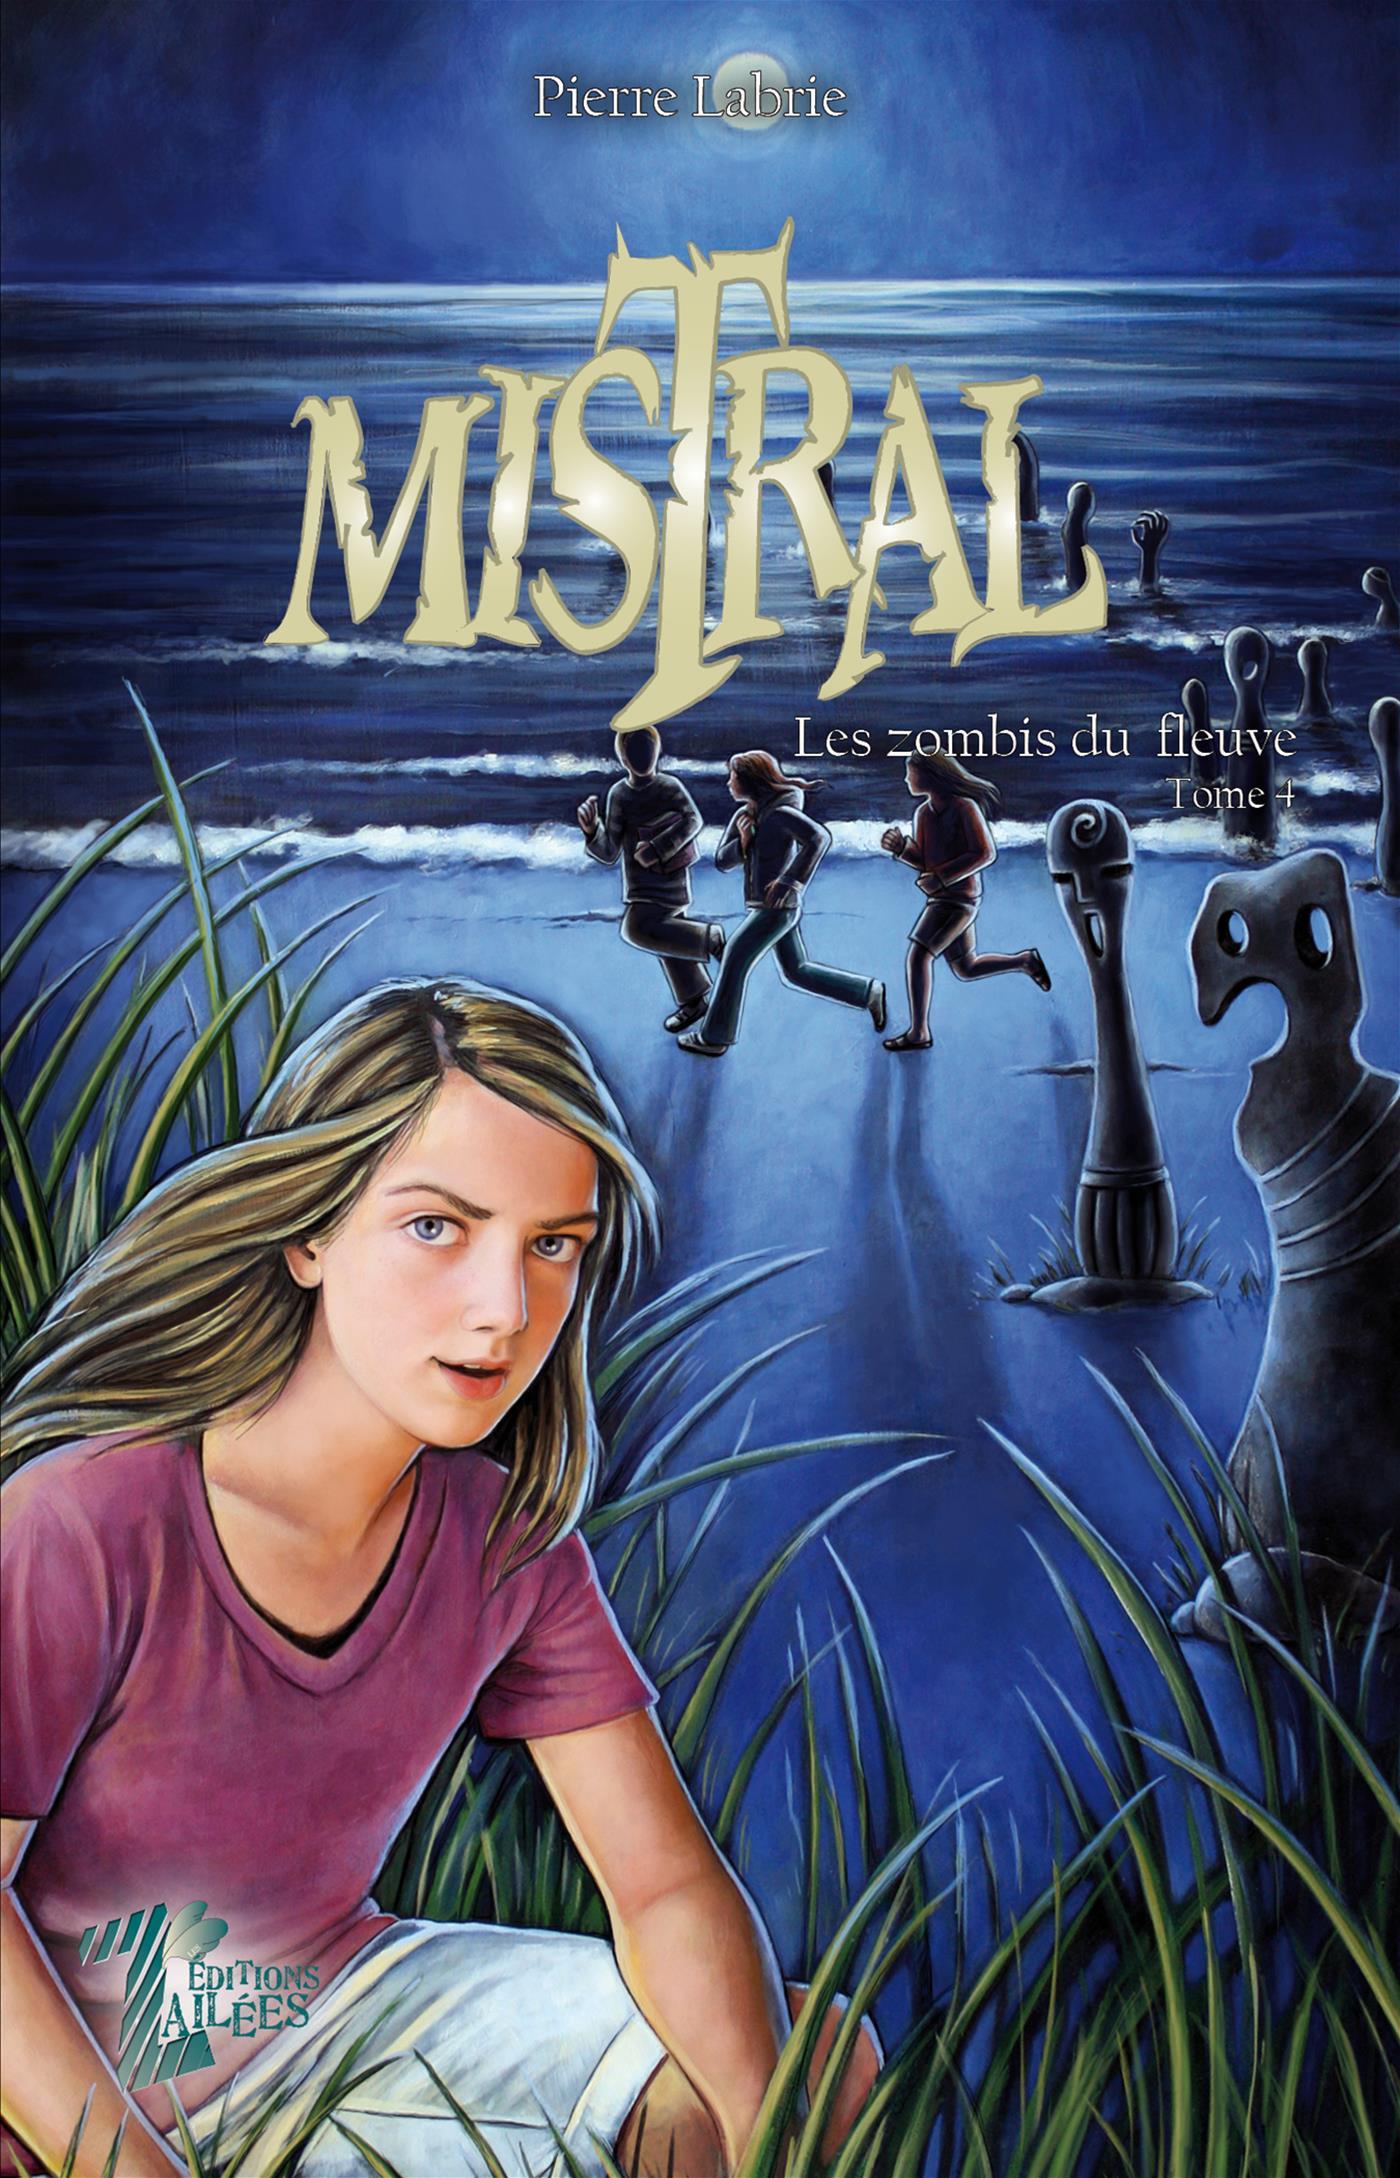 Mistral - Tome 4